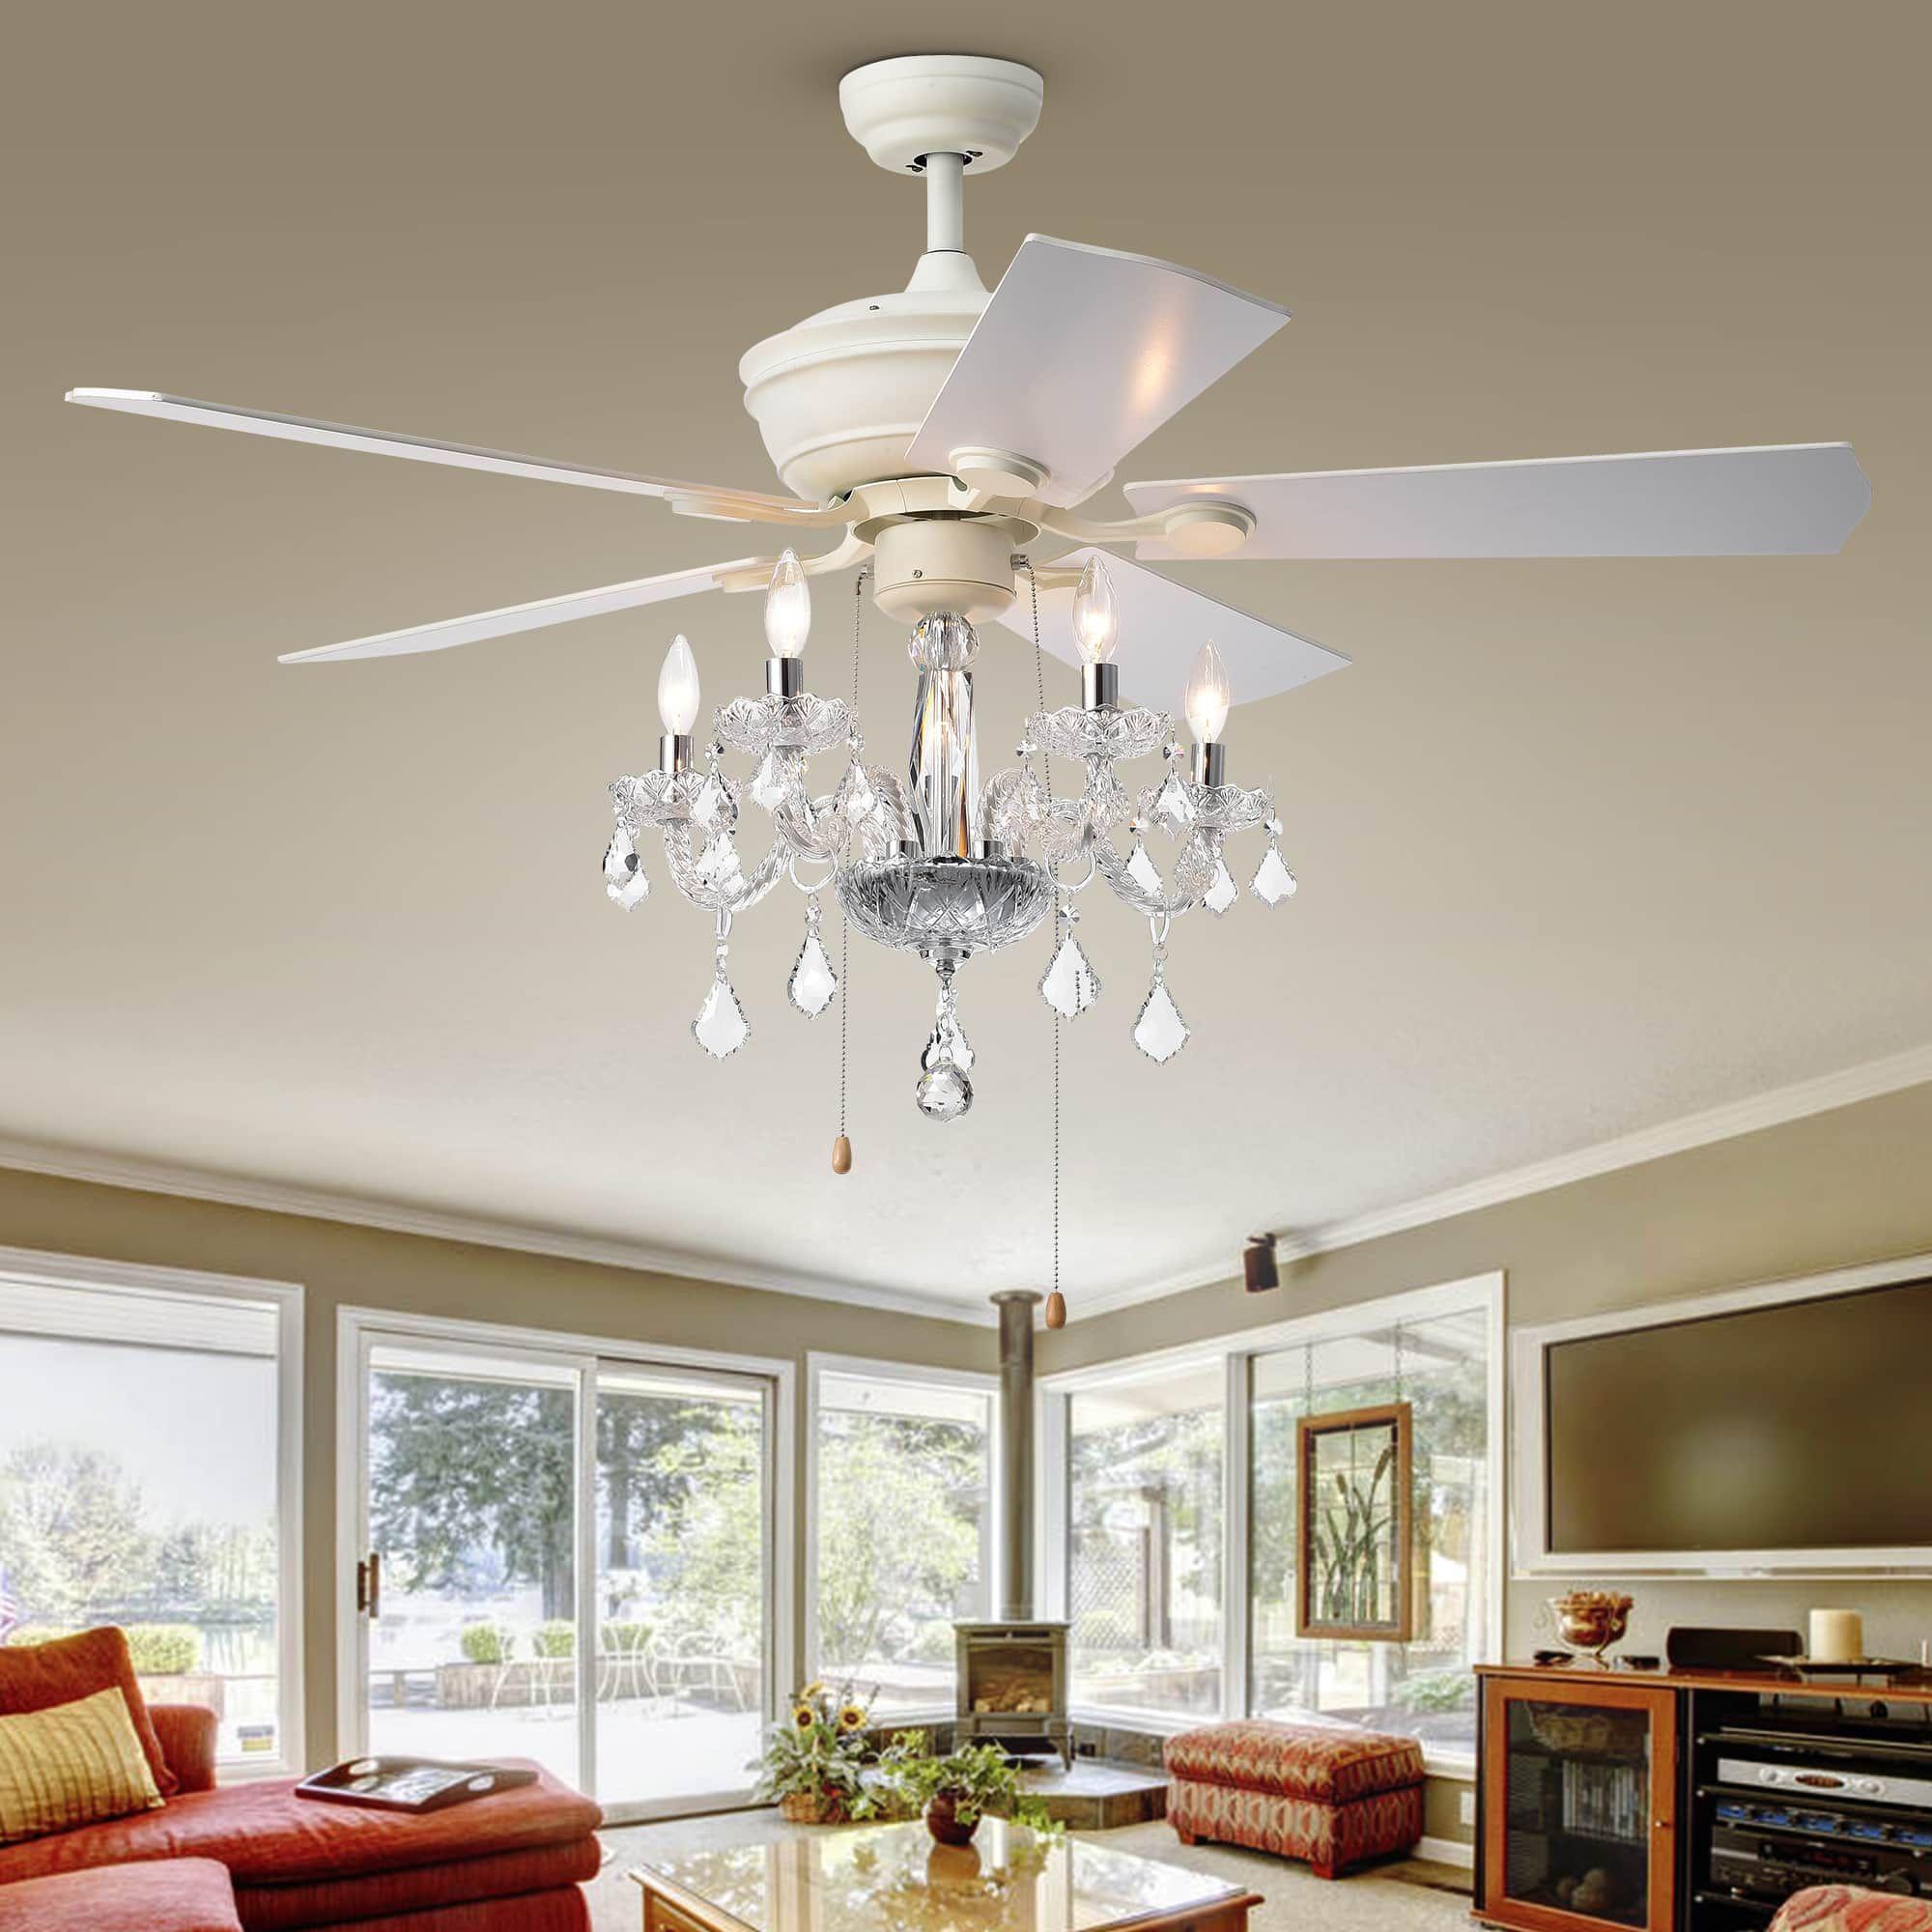 Ceiling Fans Ceiling Fan With Light White Ceiling Fan Ceiling Fan